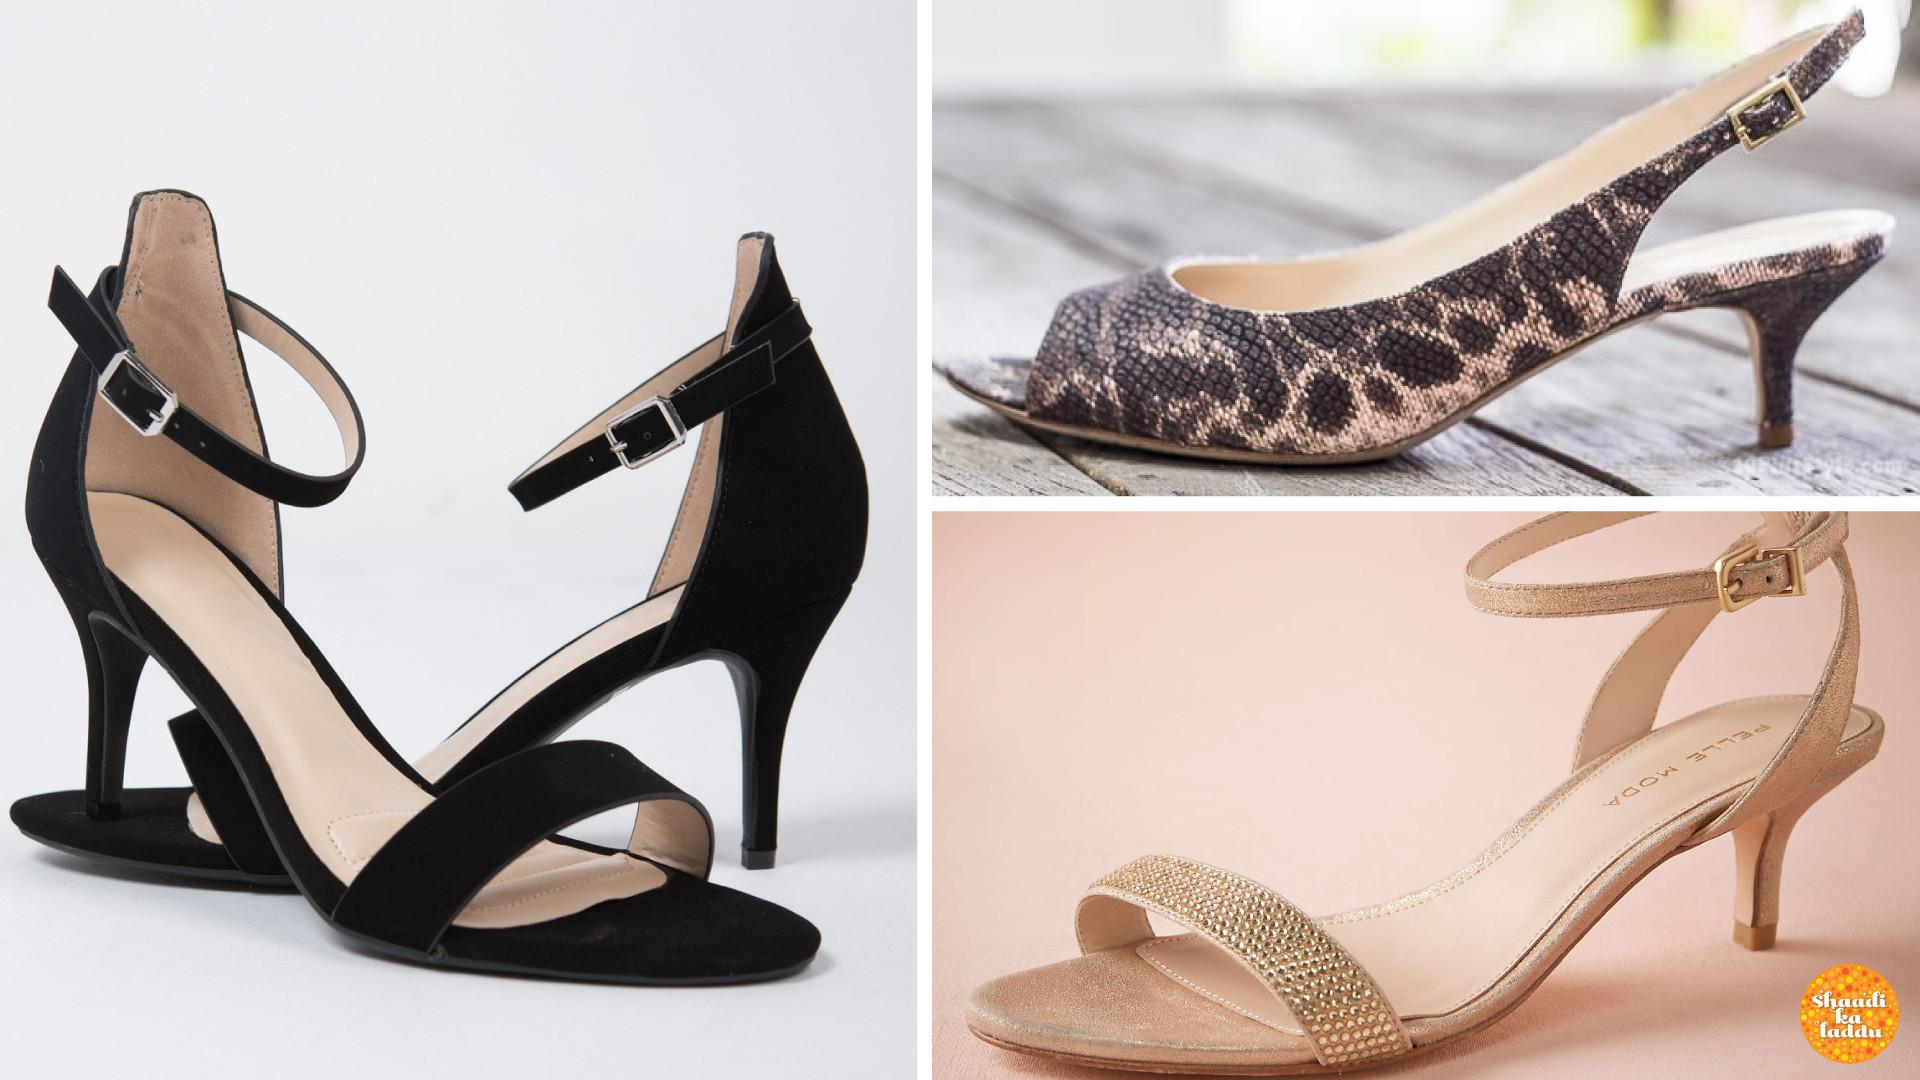 Sandals with Kitten heels